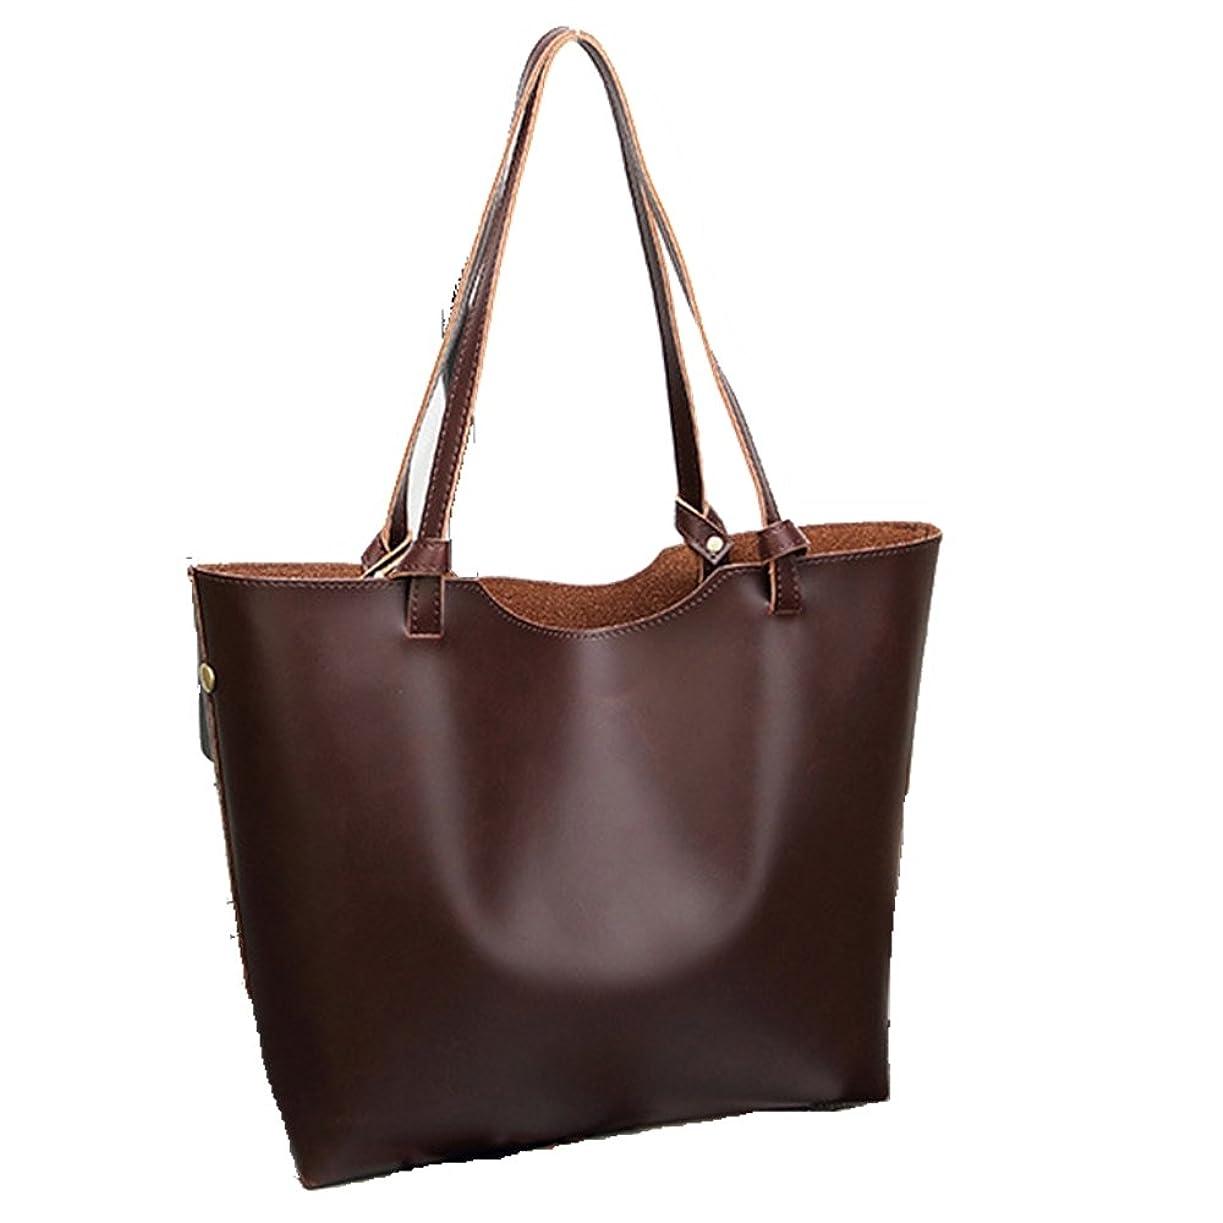 上昇洗練されたであるバッグ ハンドバッグ レディース メンズ トートバッグ ショルダーバッグ 2way 2waバッグ 斜め掛け 大きめ 通勤 かばん 鞄 通学 カバン 大容量